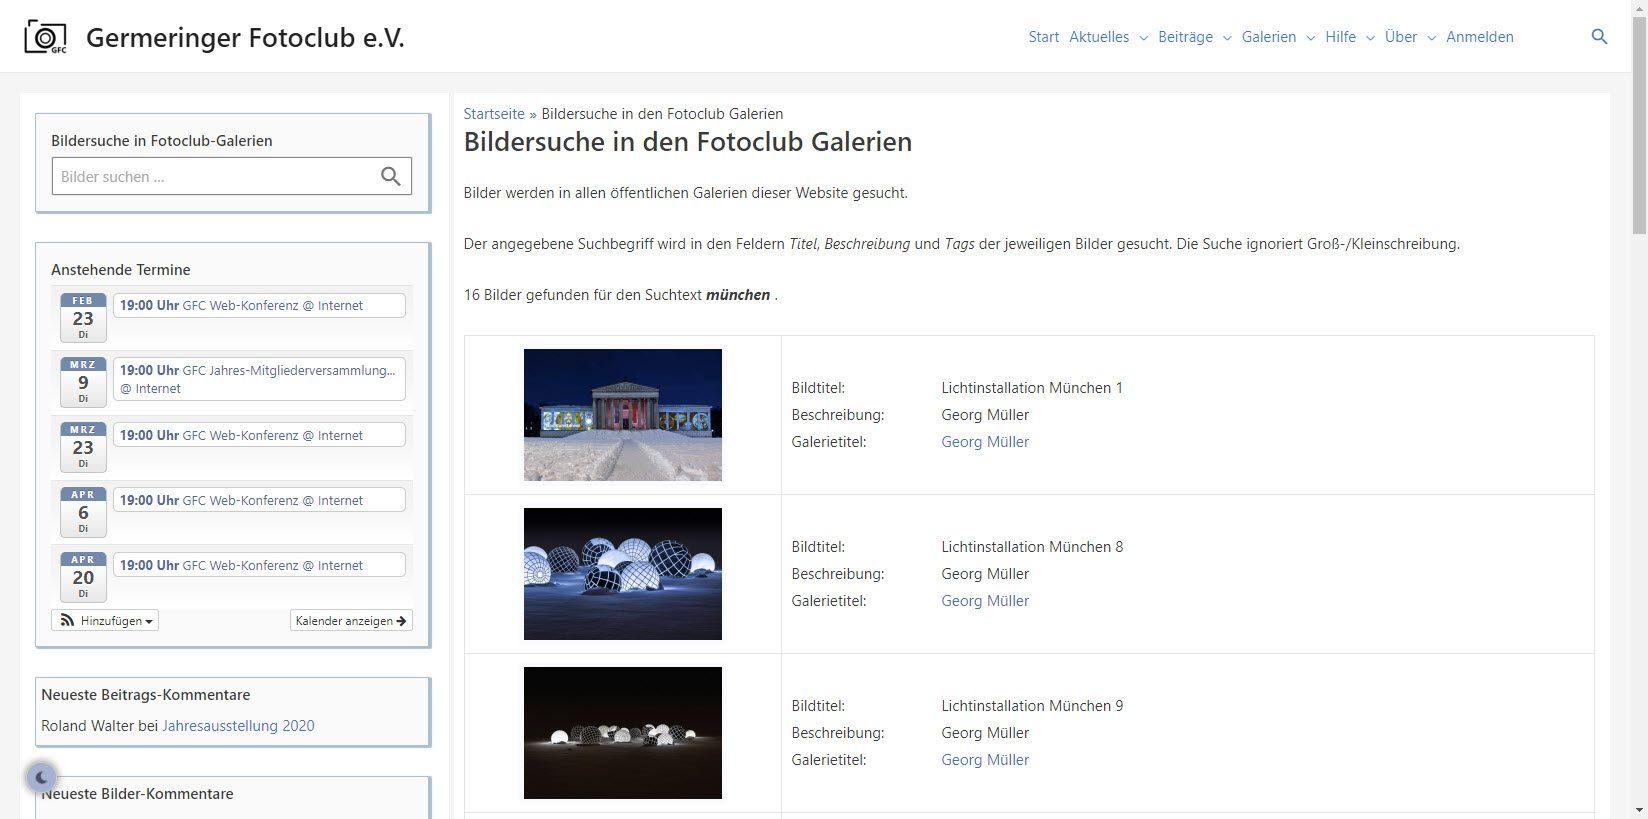 Bilder-Suchfunktion